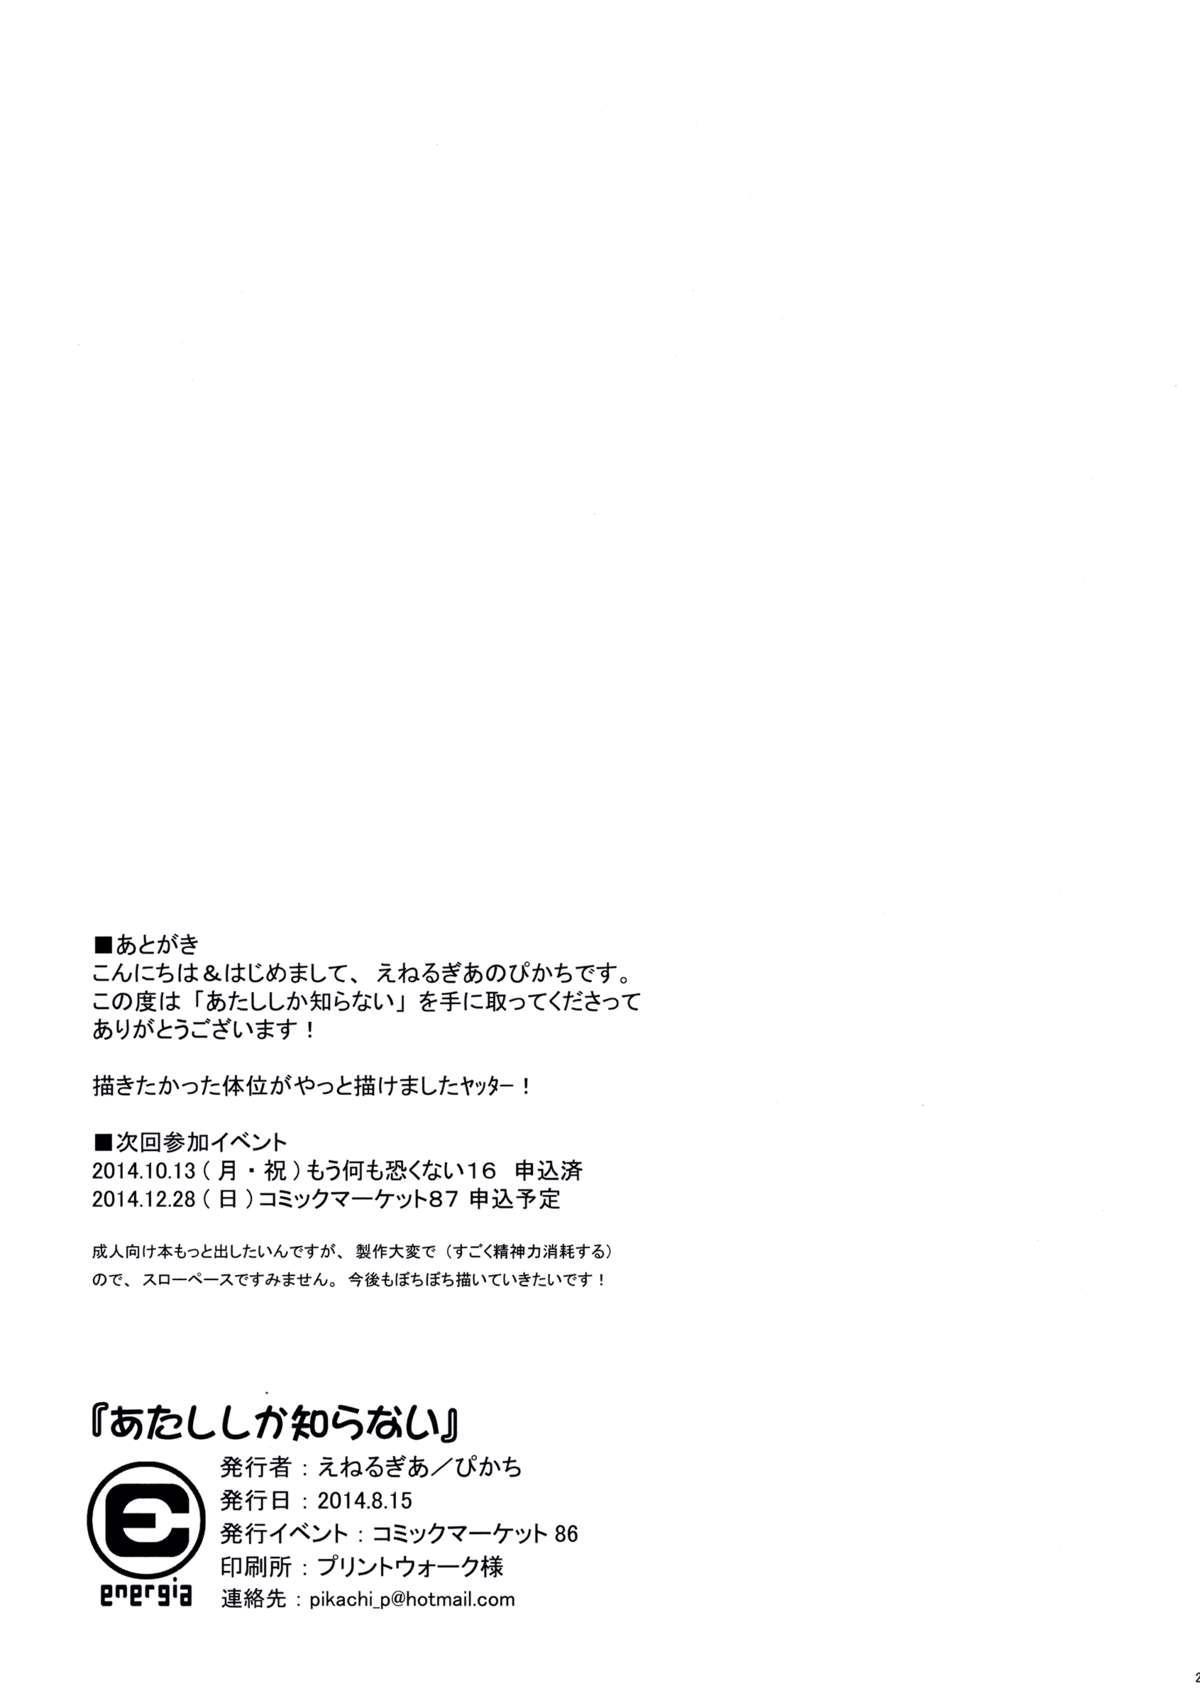 Atashi shika Shiranai 26